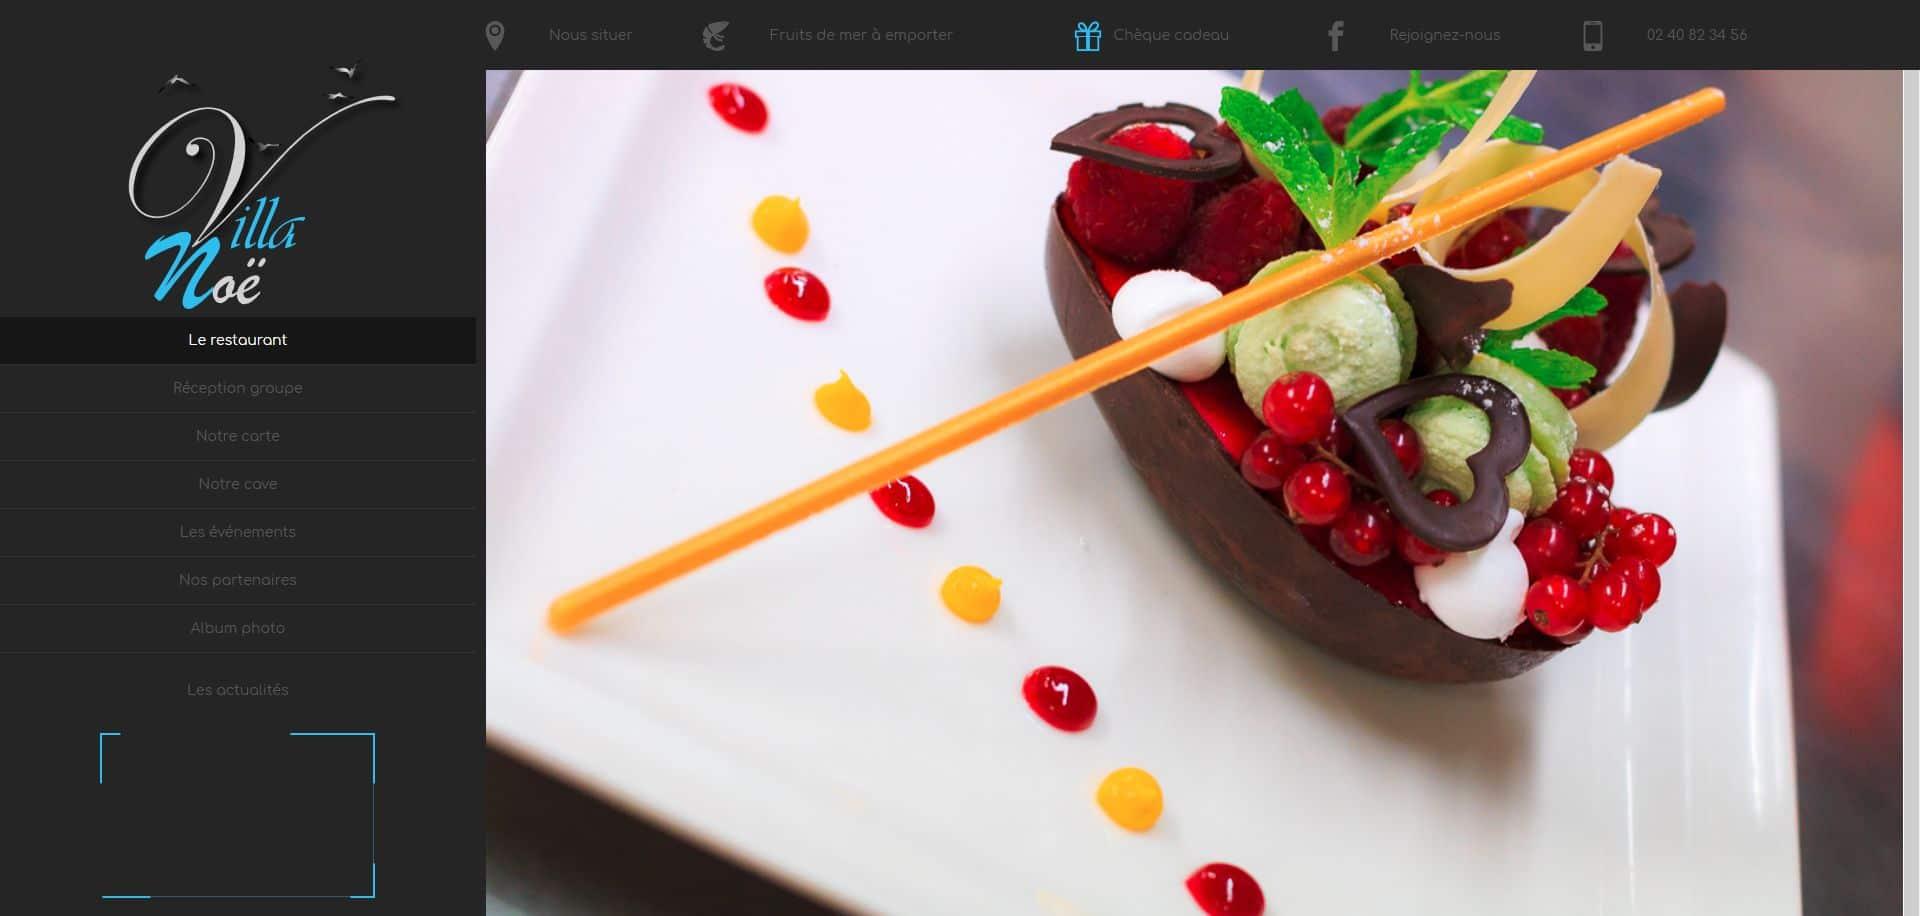 restaurant-billa-noe-accueil1